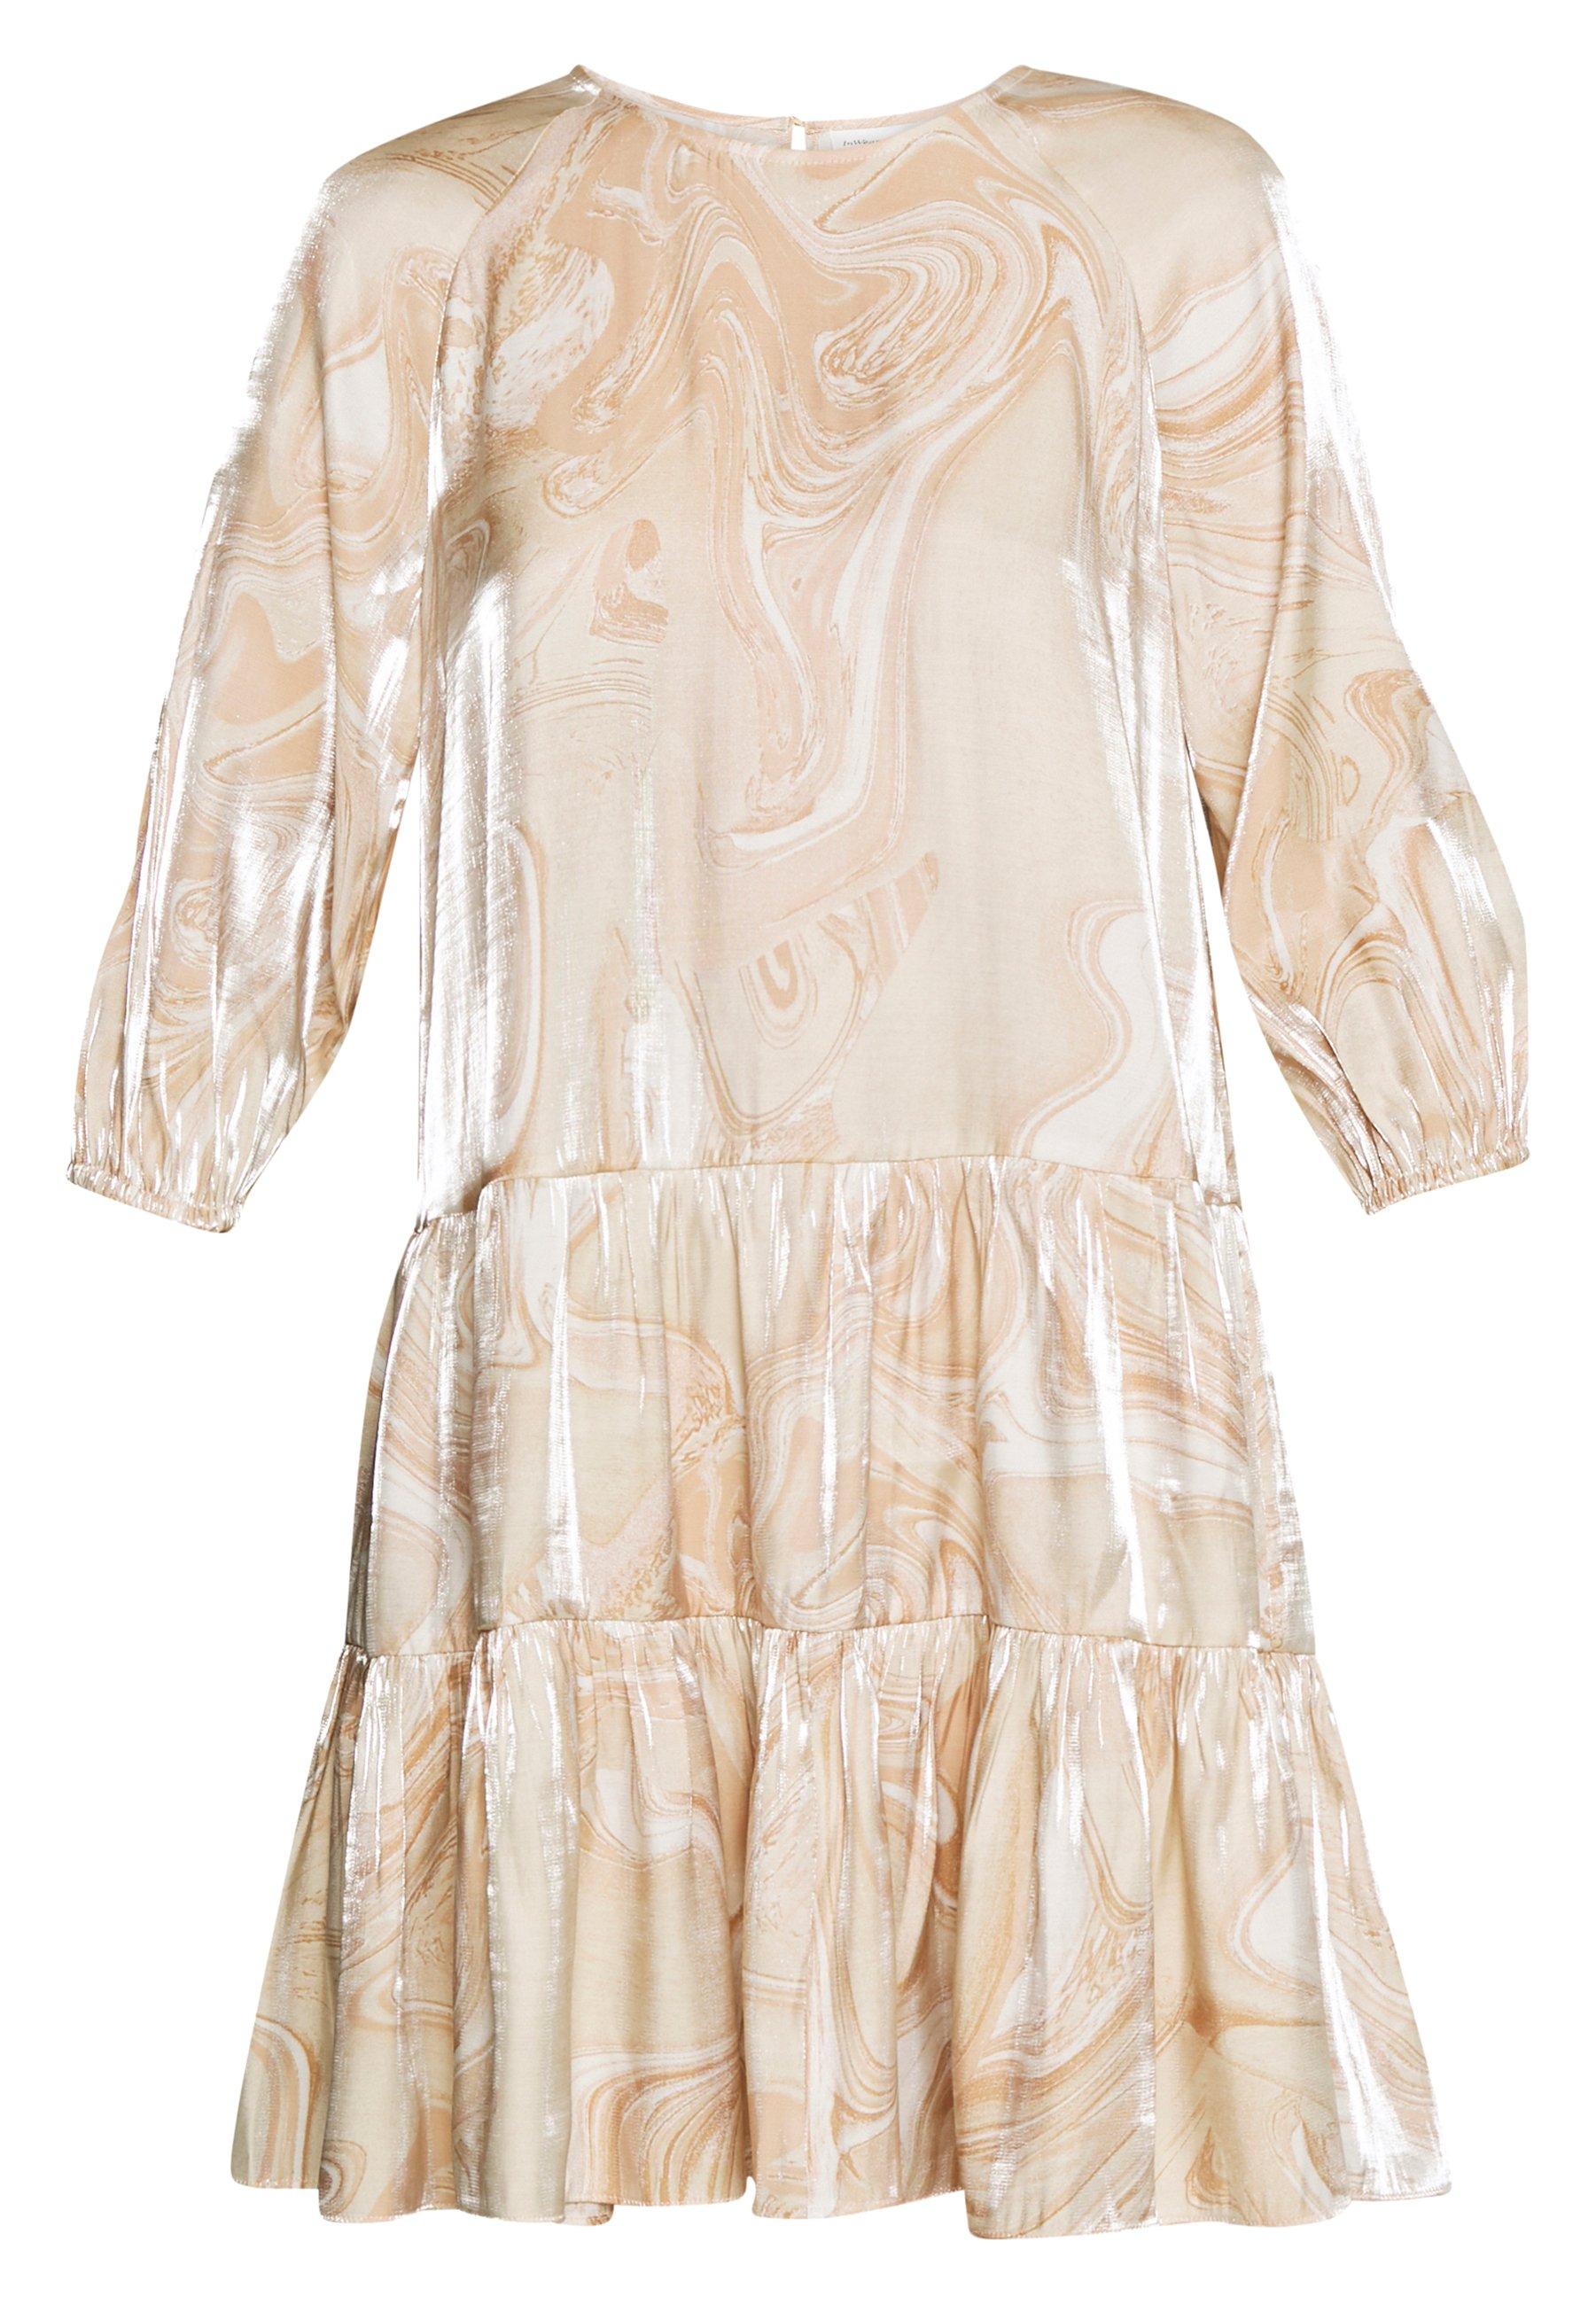 Inwear Cherieiw Dress - Vapaa-ajan Mekko Swirly